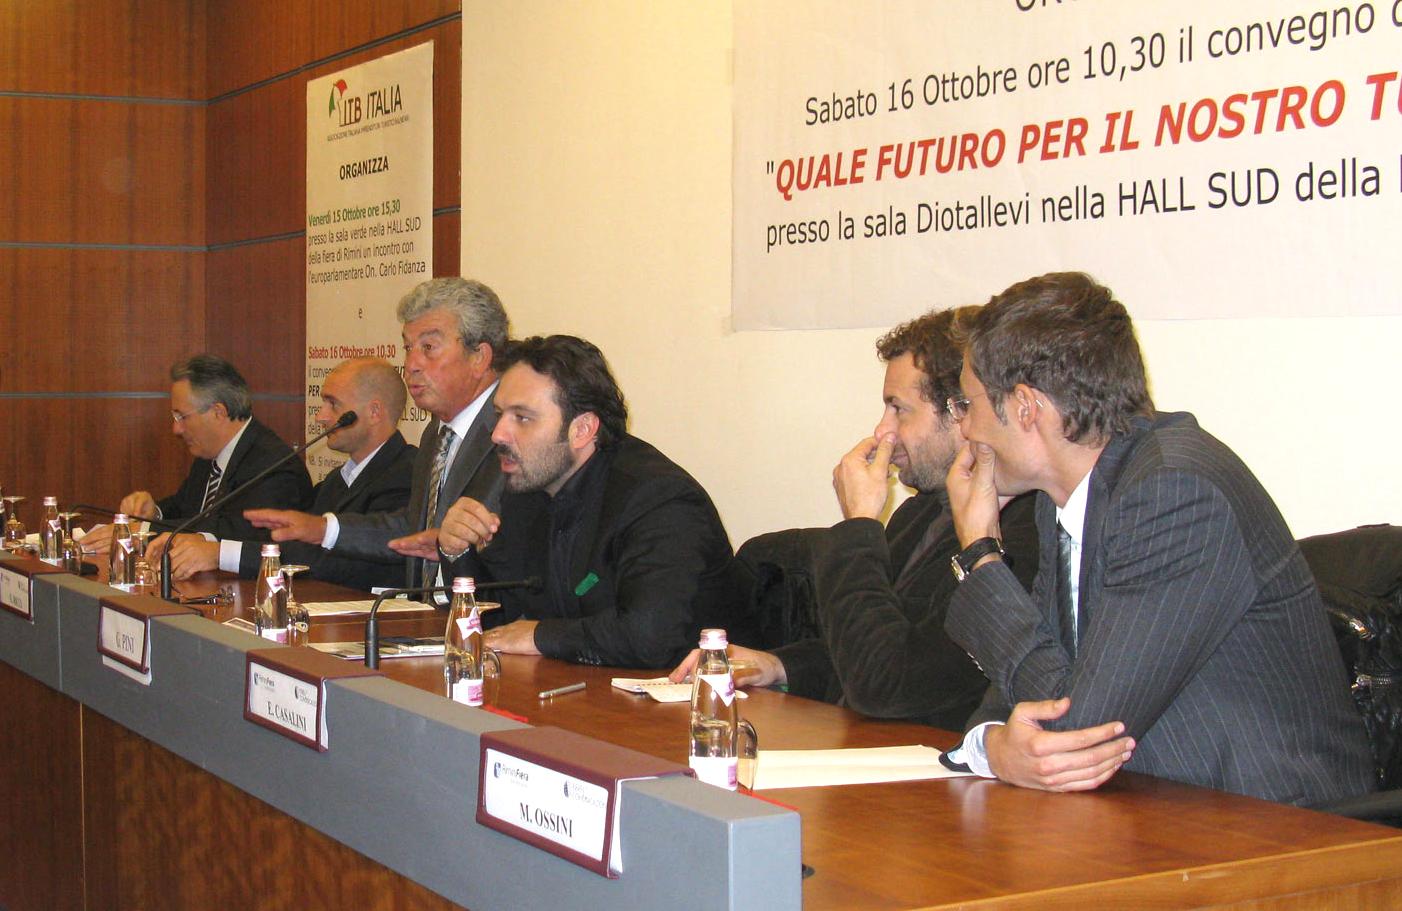 L'Itb al Sun di Rimini: da sinistra Ciccanti (Udc), Ricci, Pini (Lega), Casalini (gironalista Report), Ossini (giornalista L'altra metà del Geo)